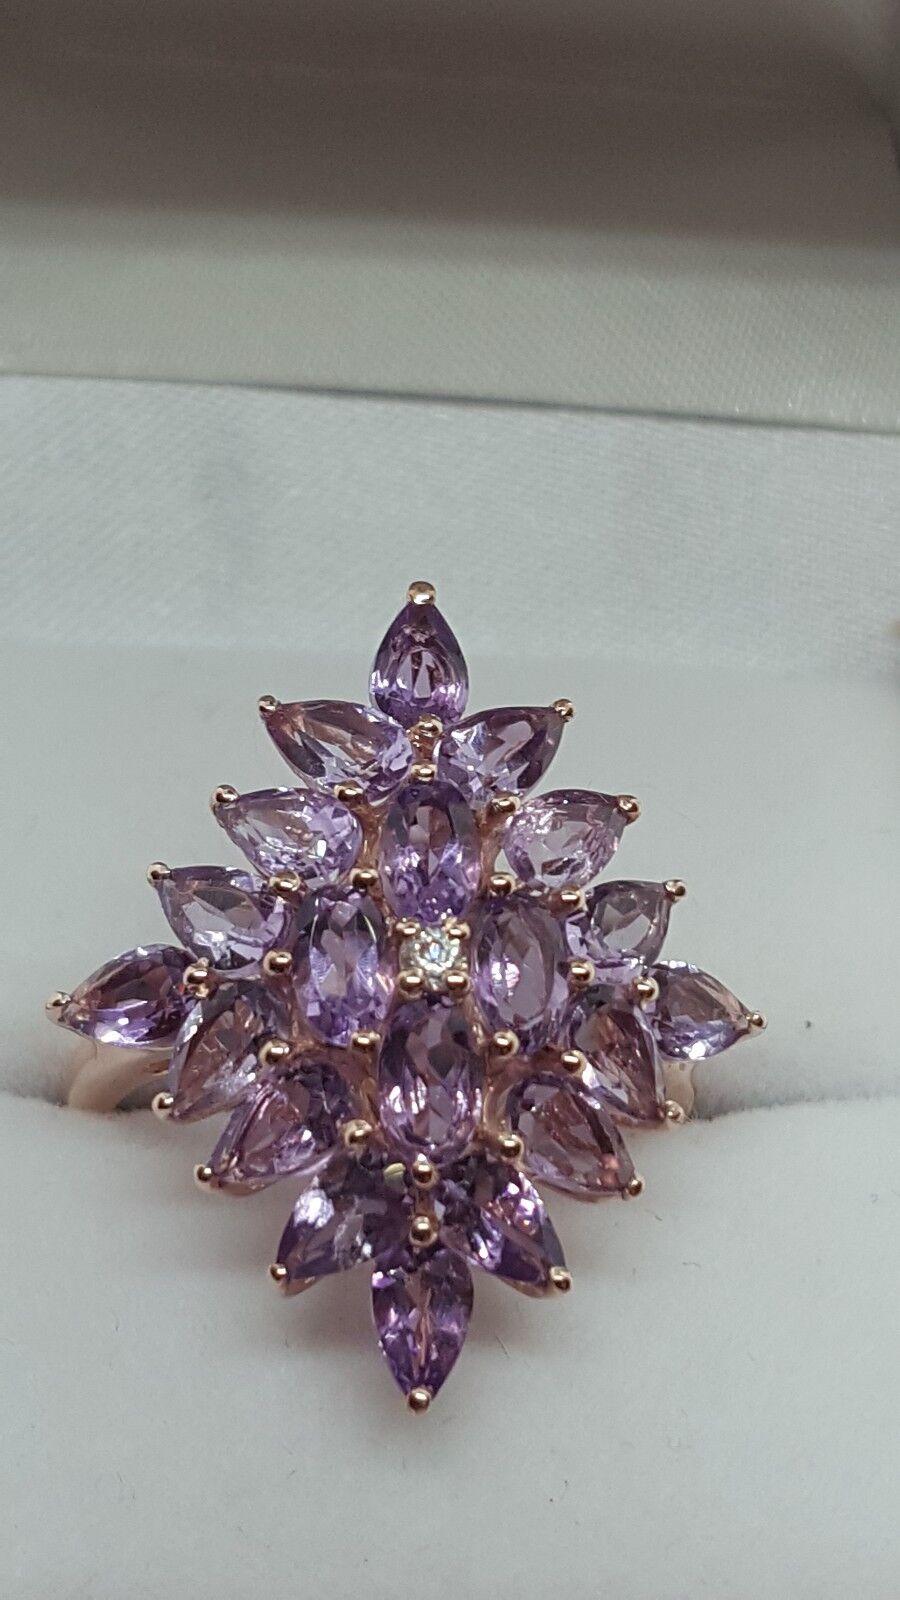 Jaynes gems 4CT pink DE FRANCE AMETHYST  CLUSTER RING UK O US 7